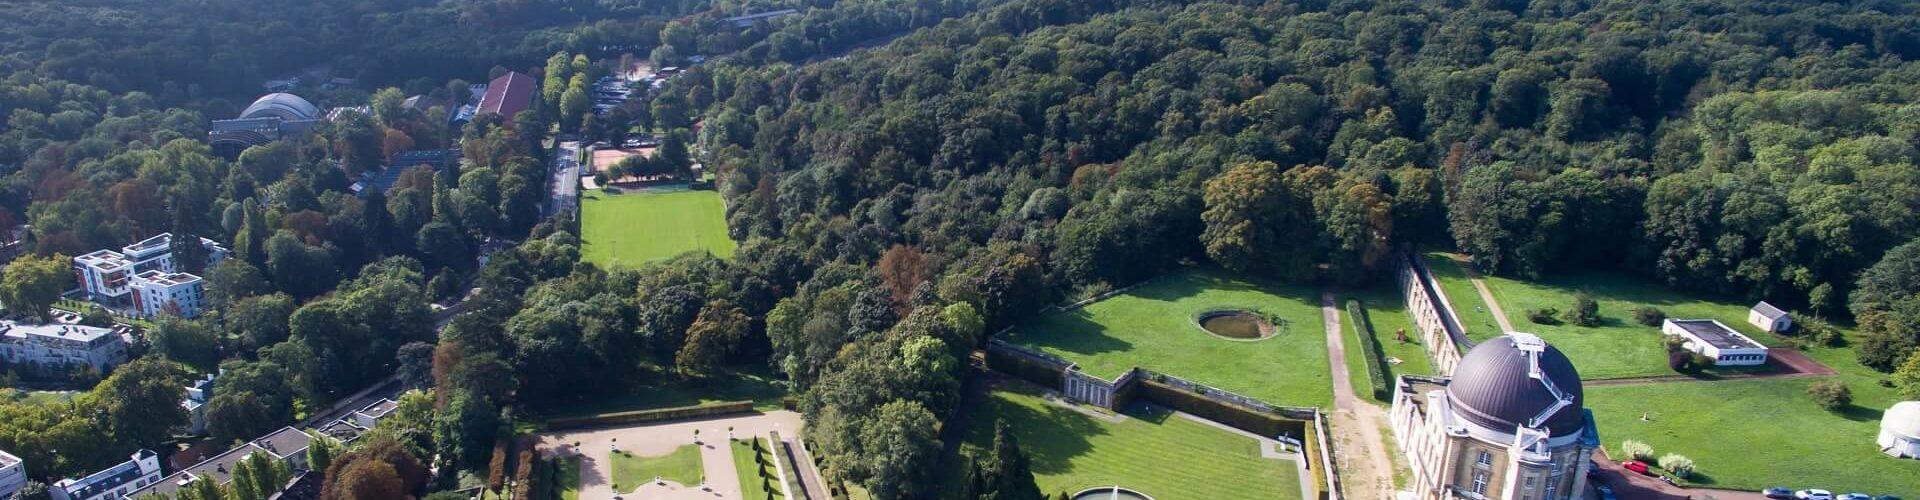 Vue aérienne de la terrasse de l'Observatoire